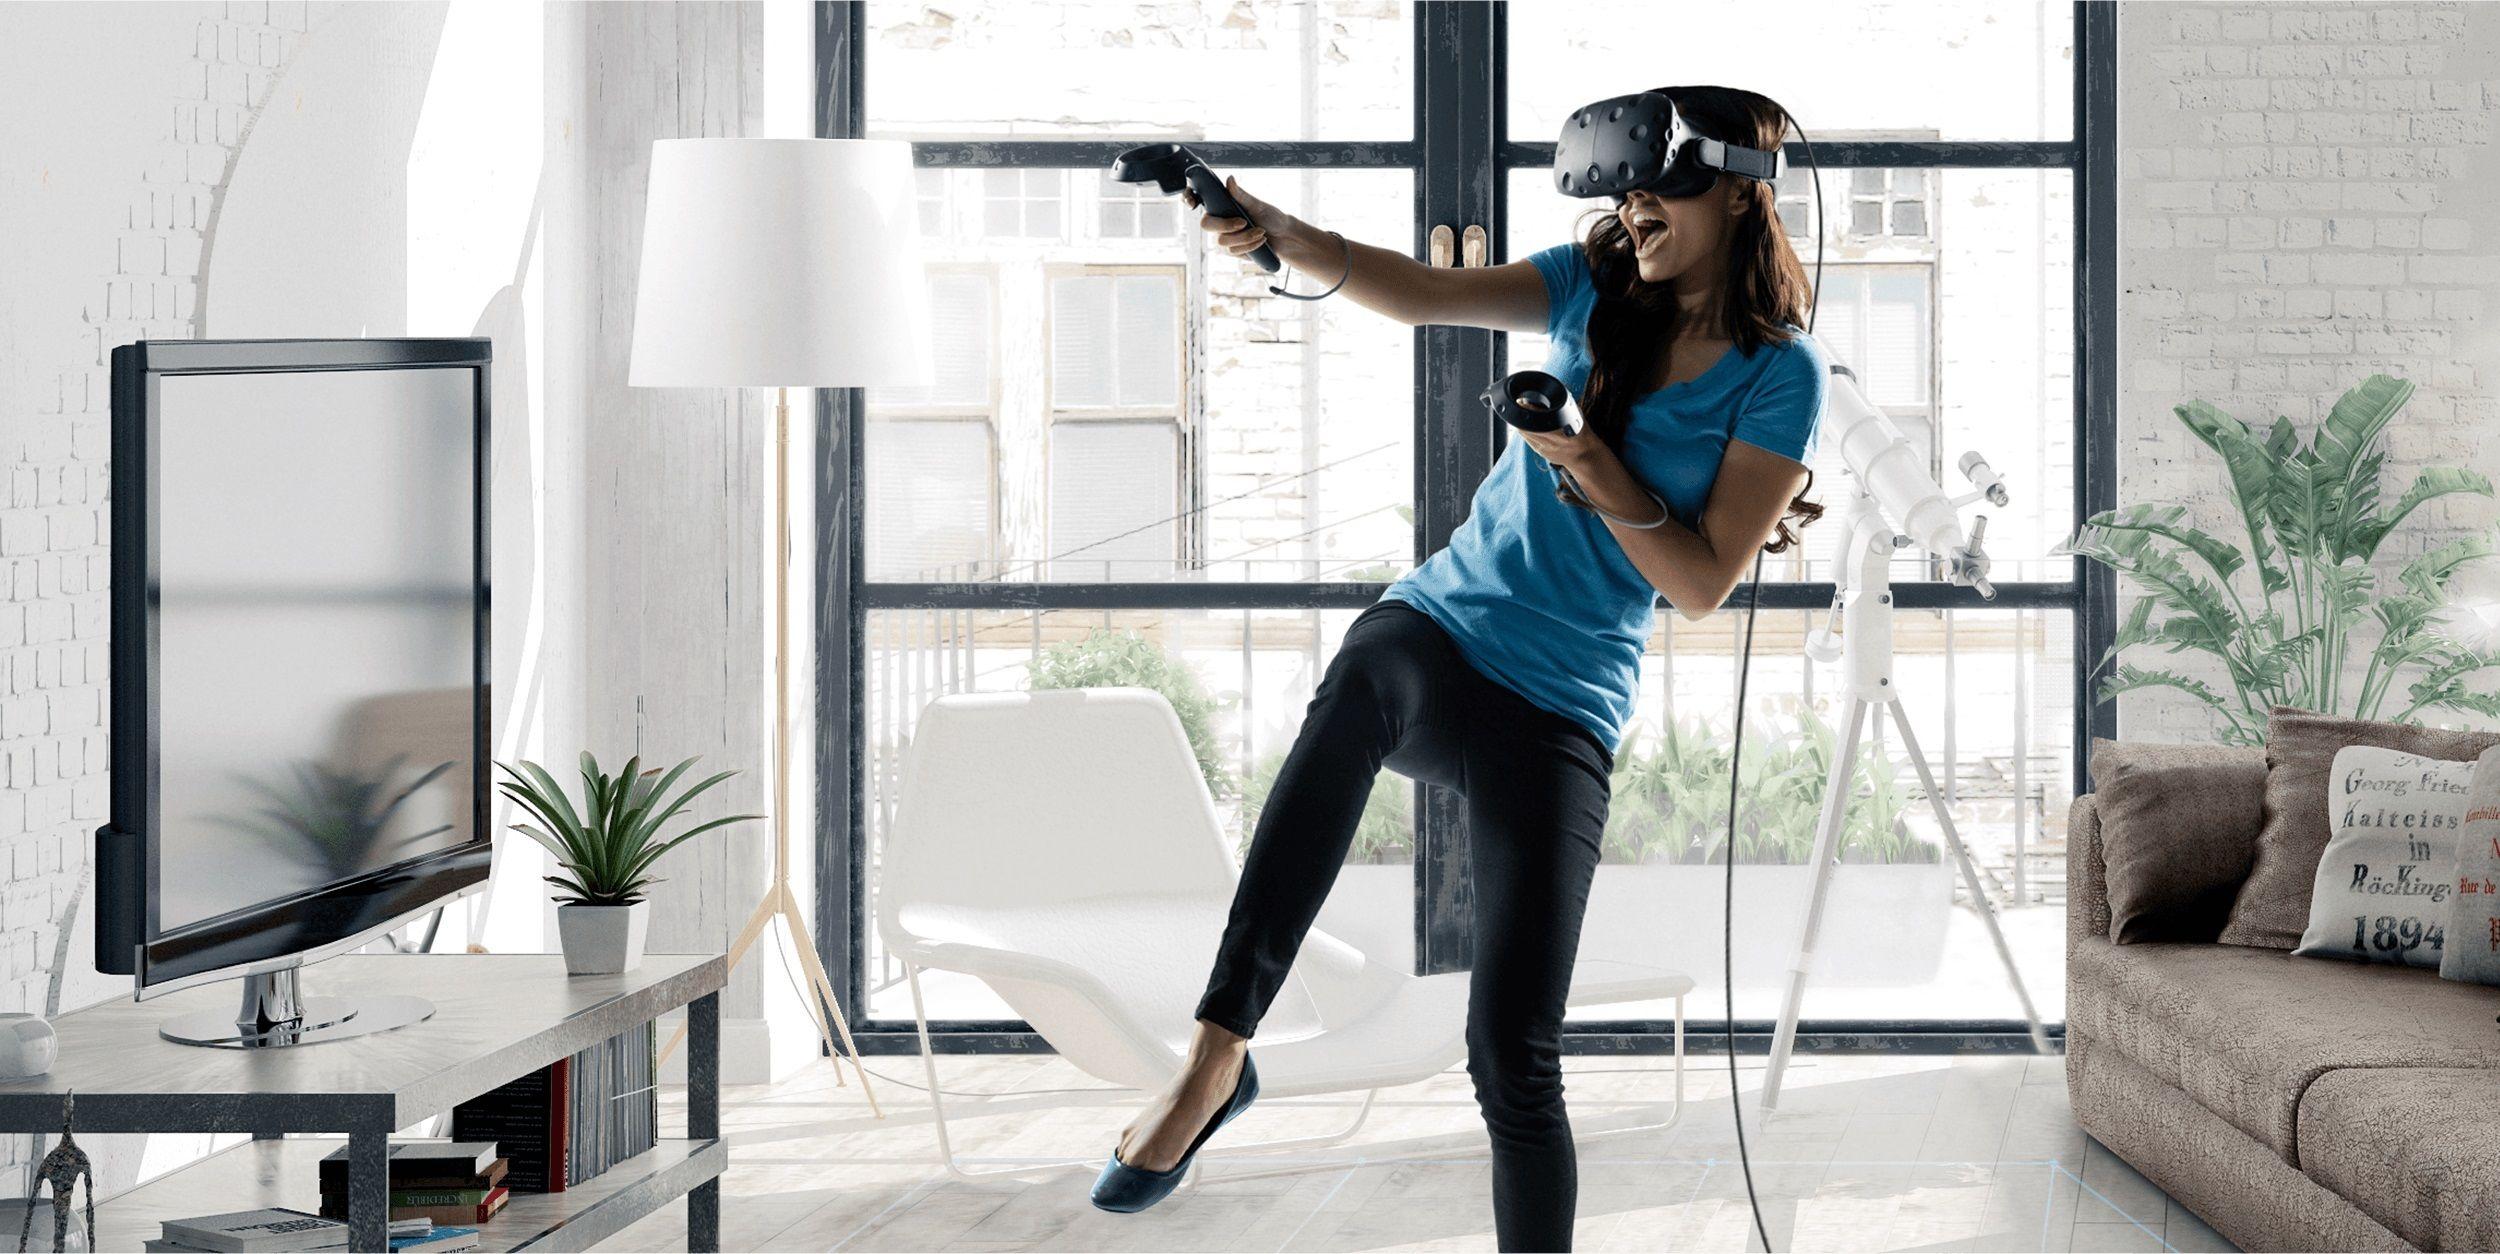 HTC 卖厂继续赌 VR,ofo 联合芝麻信用推免押金服务 | 极客早知道 3 月 17 日